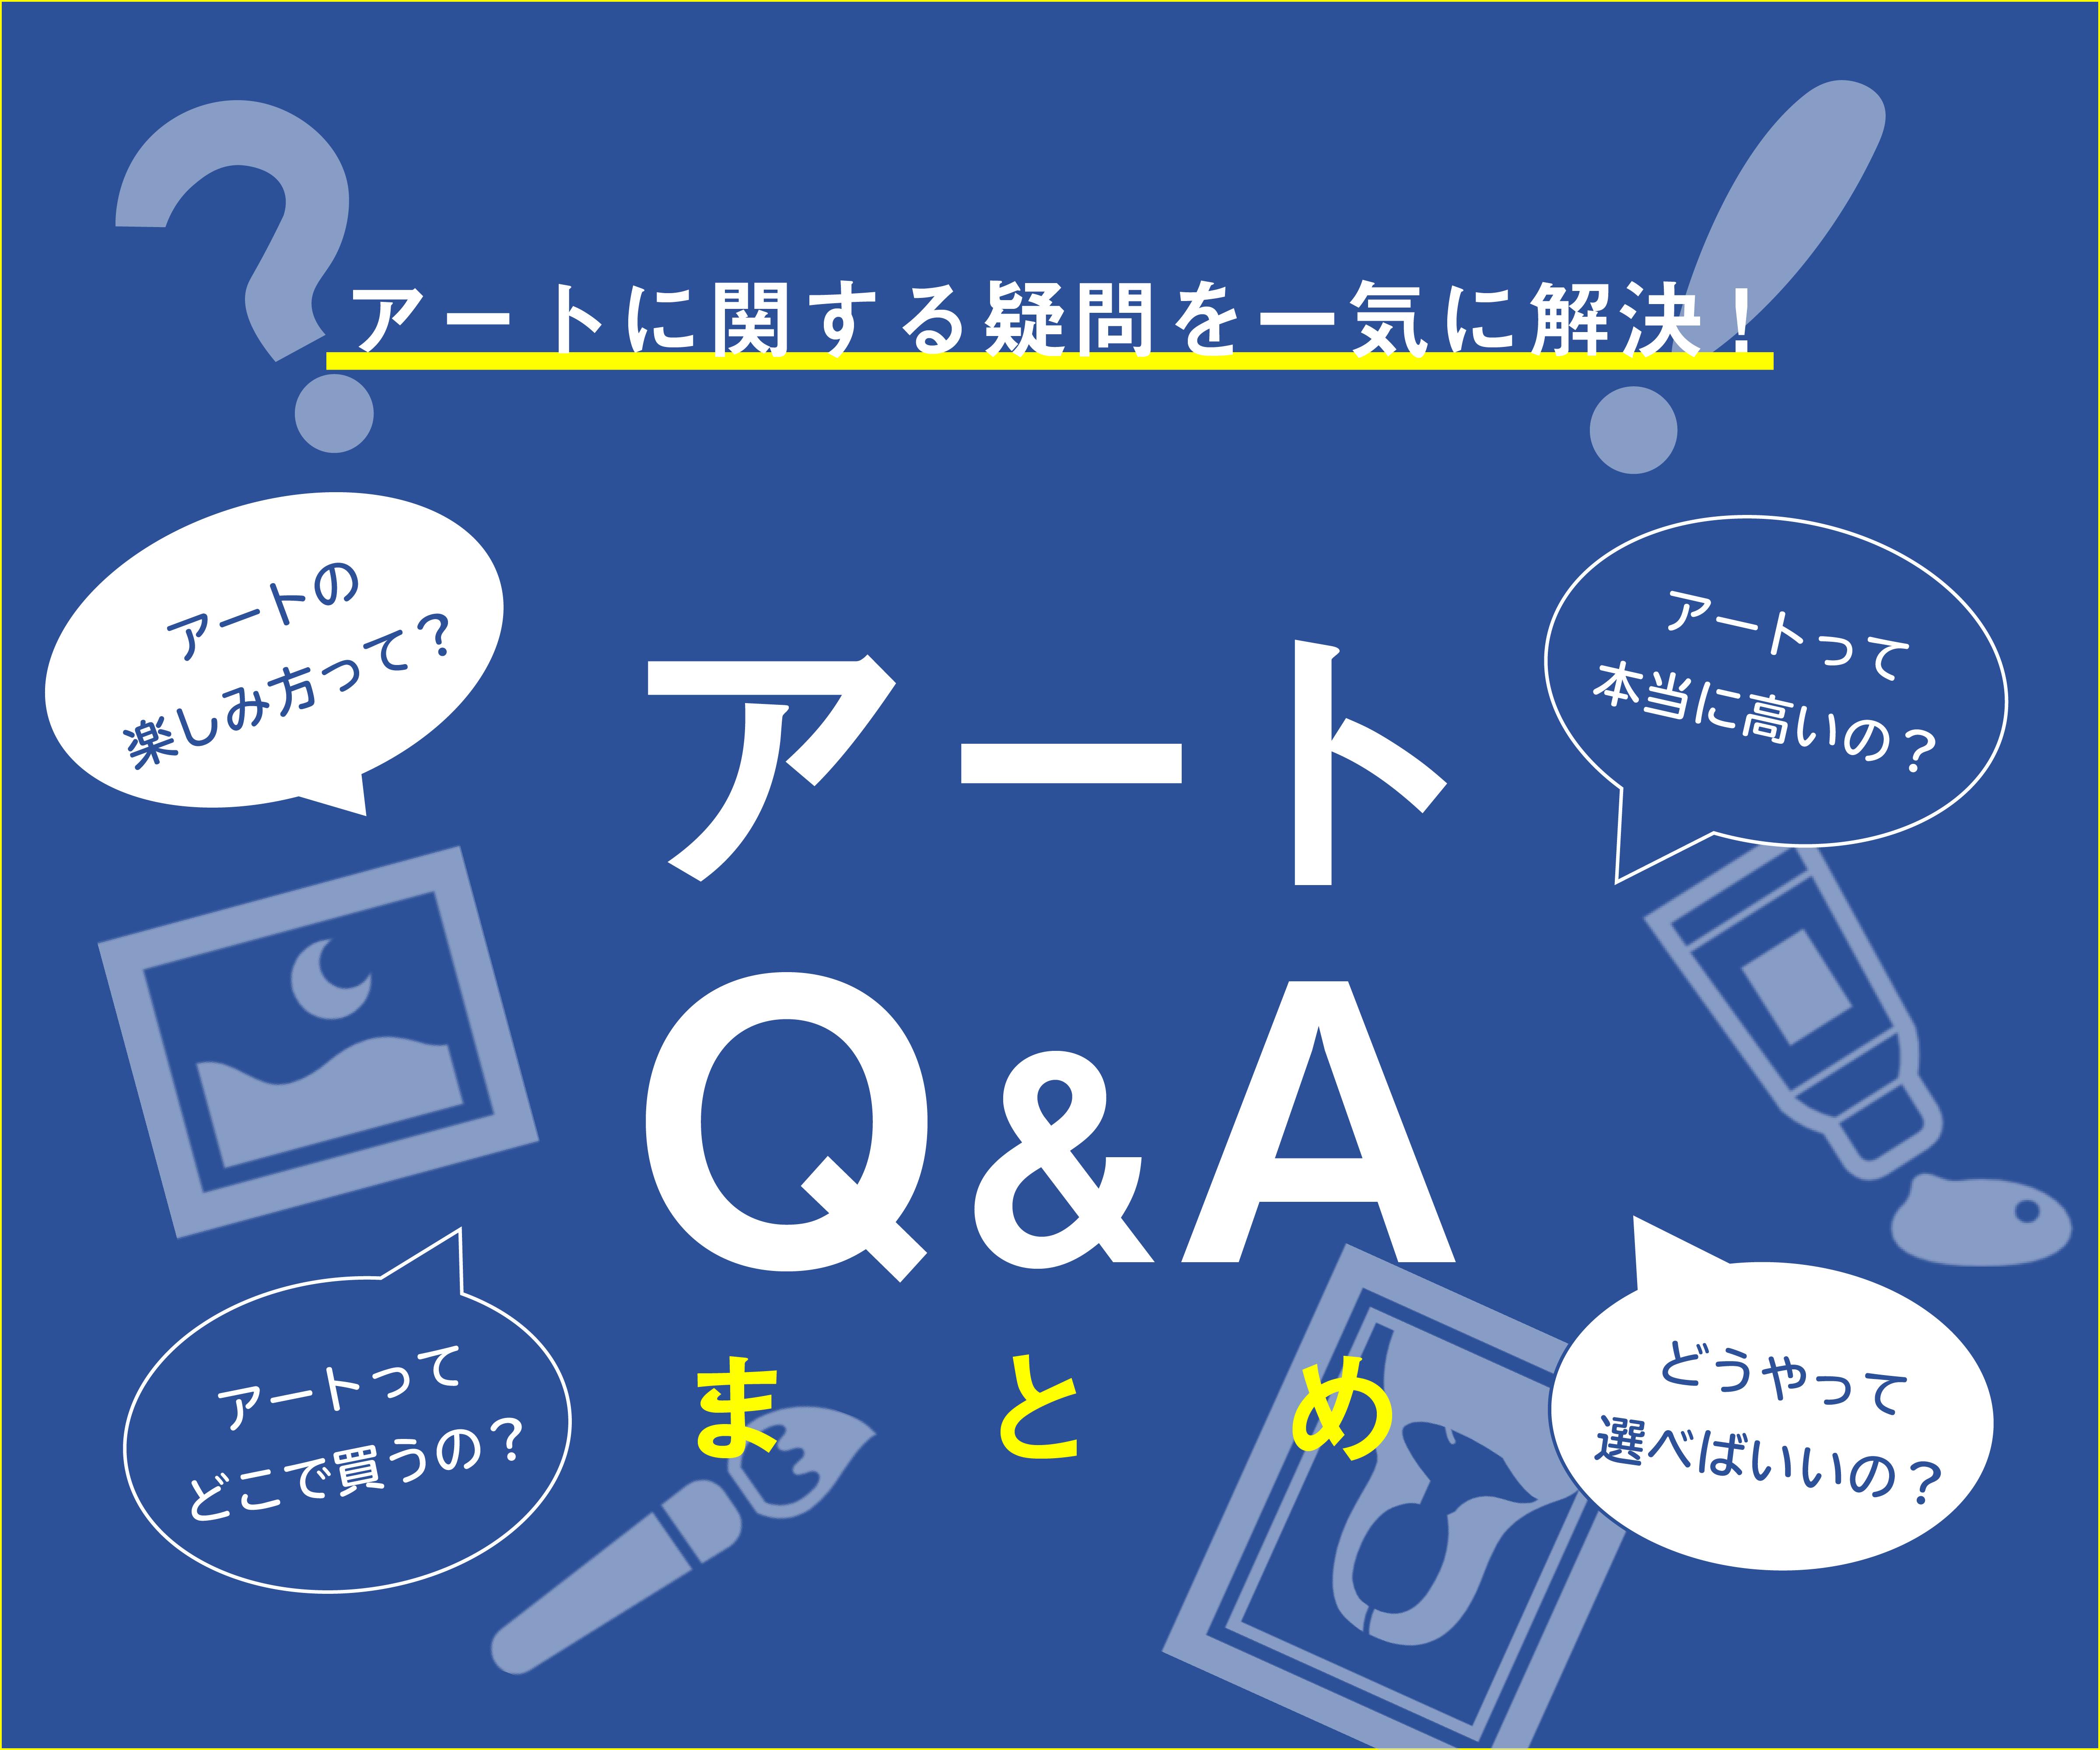 アート Q&A